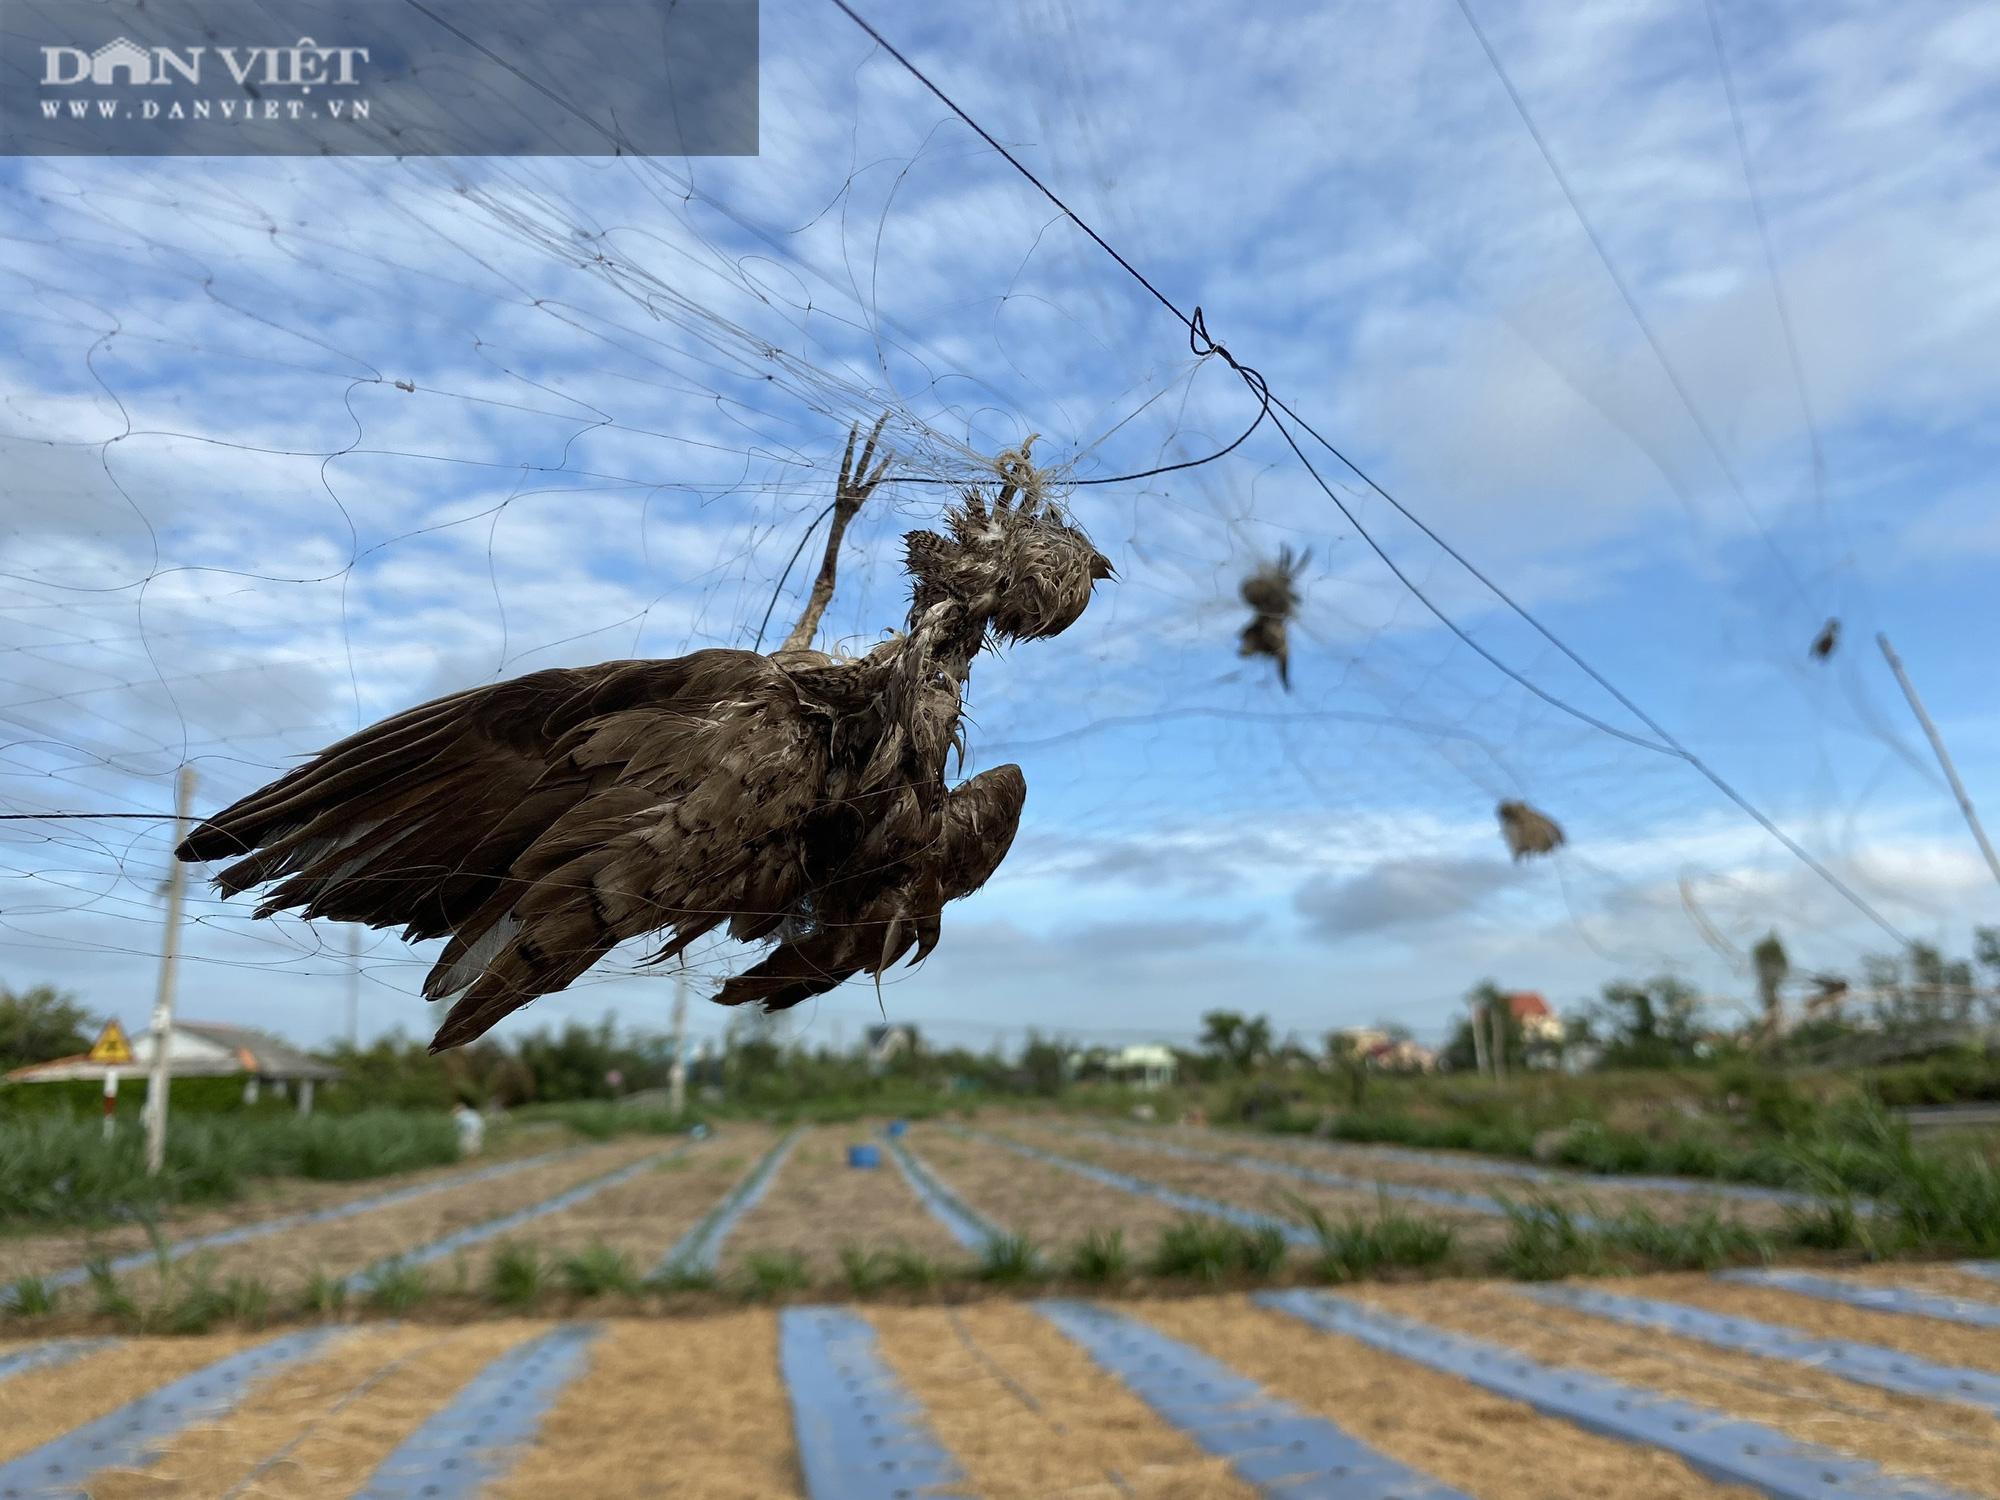 """CụcBảo tồn Thiên nhiên vàĐa dạng Sinh học (Bộ TNMT): Thủ phạm chính là các nhà hàng """"Đặc sản Chim trời""""! - Ảnh 8."""